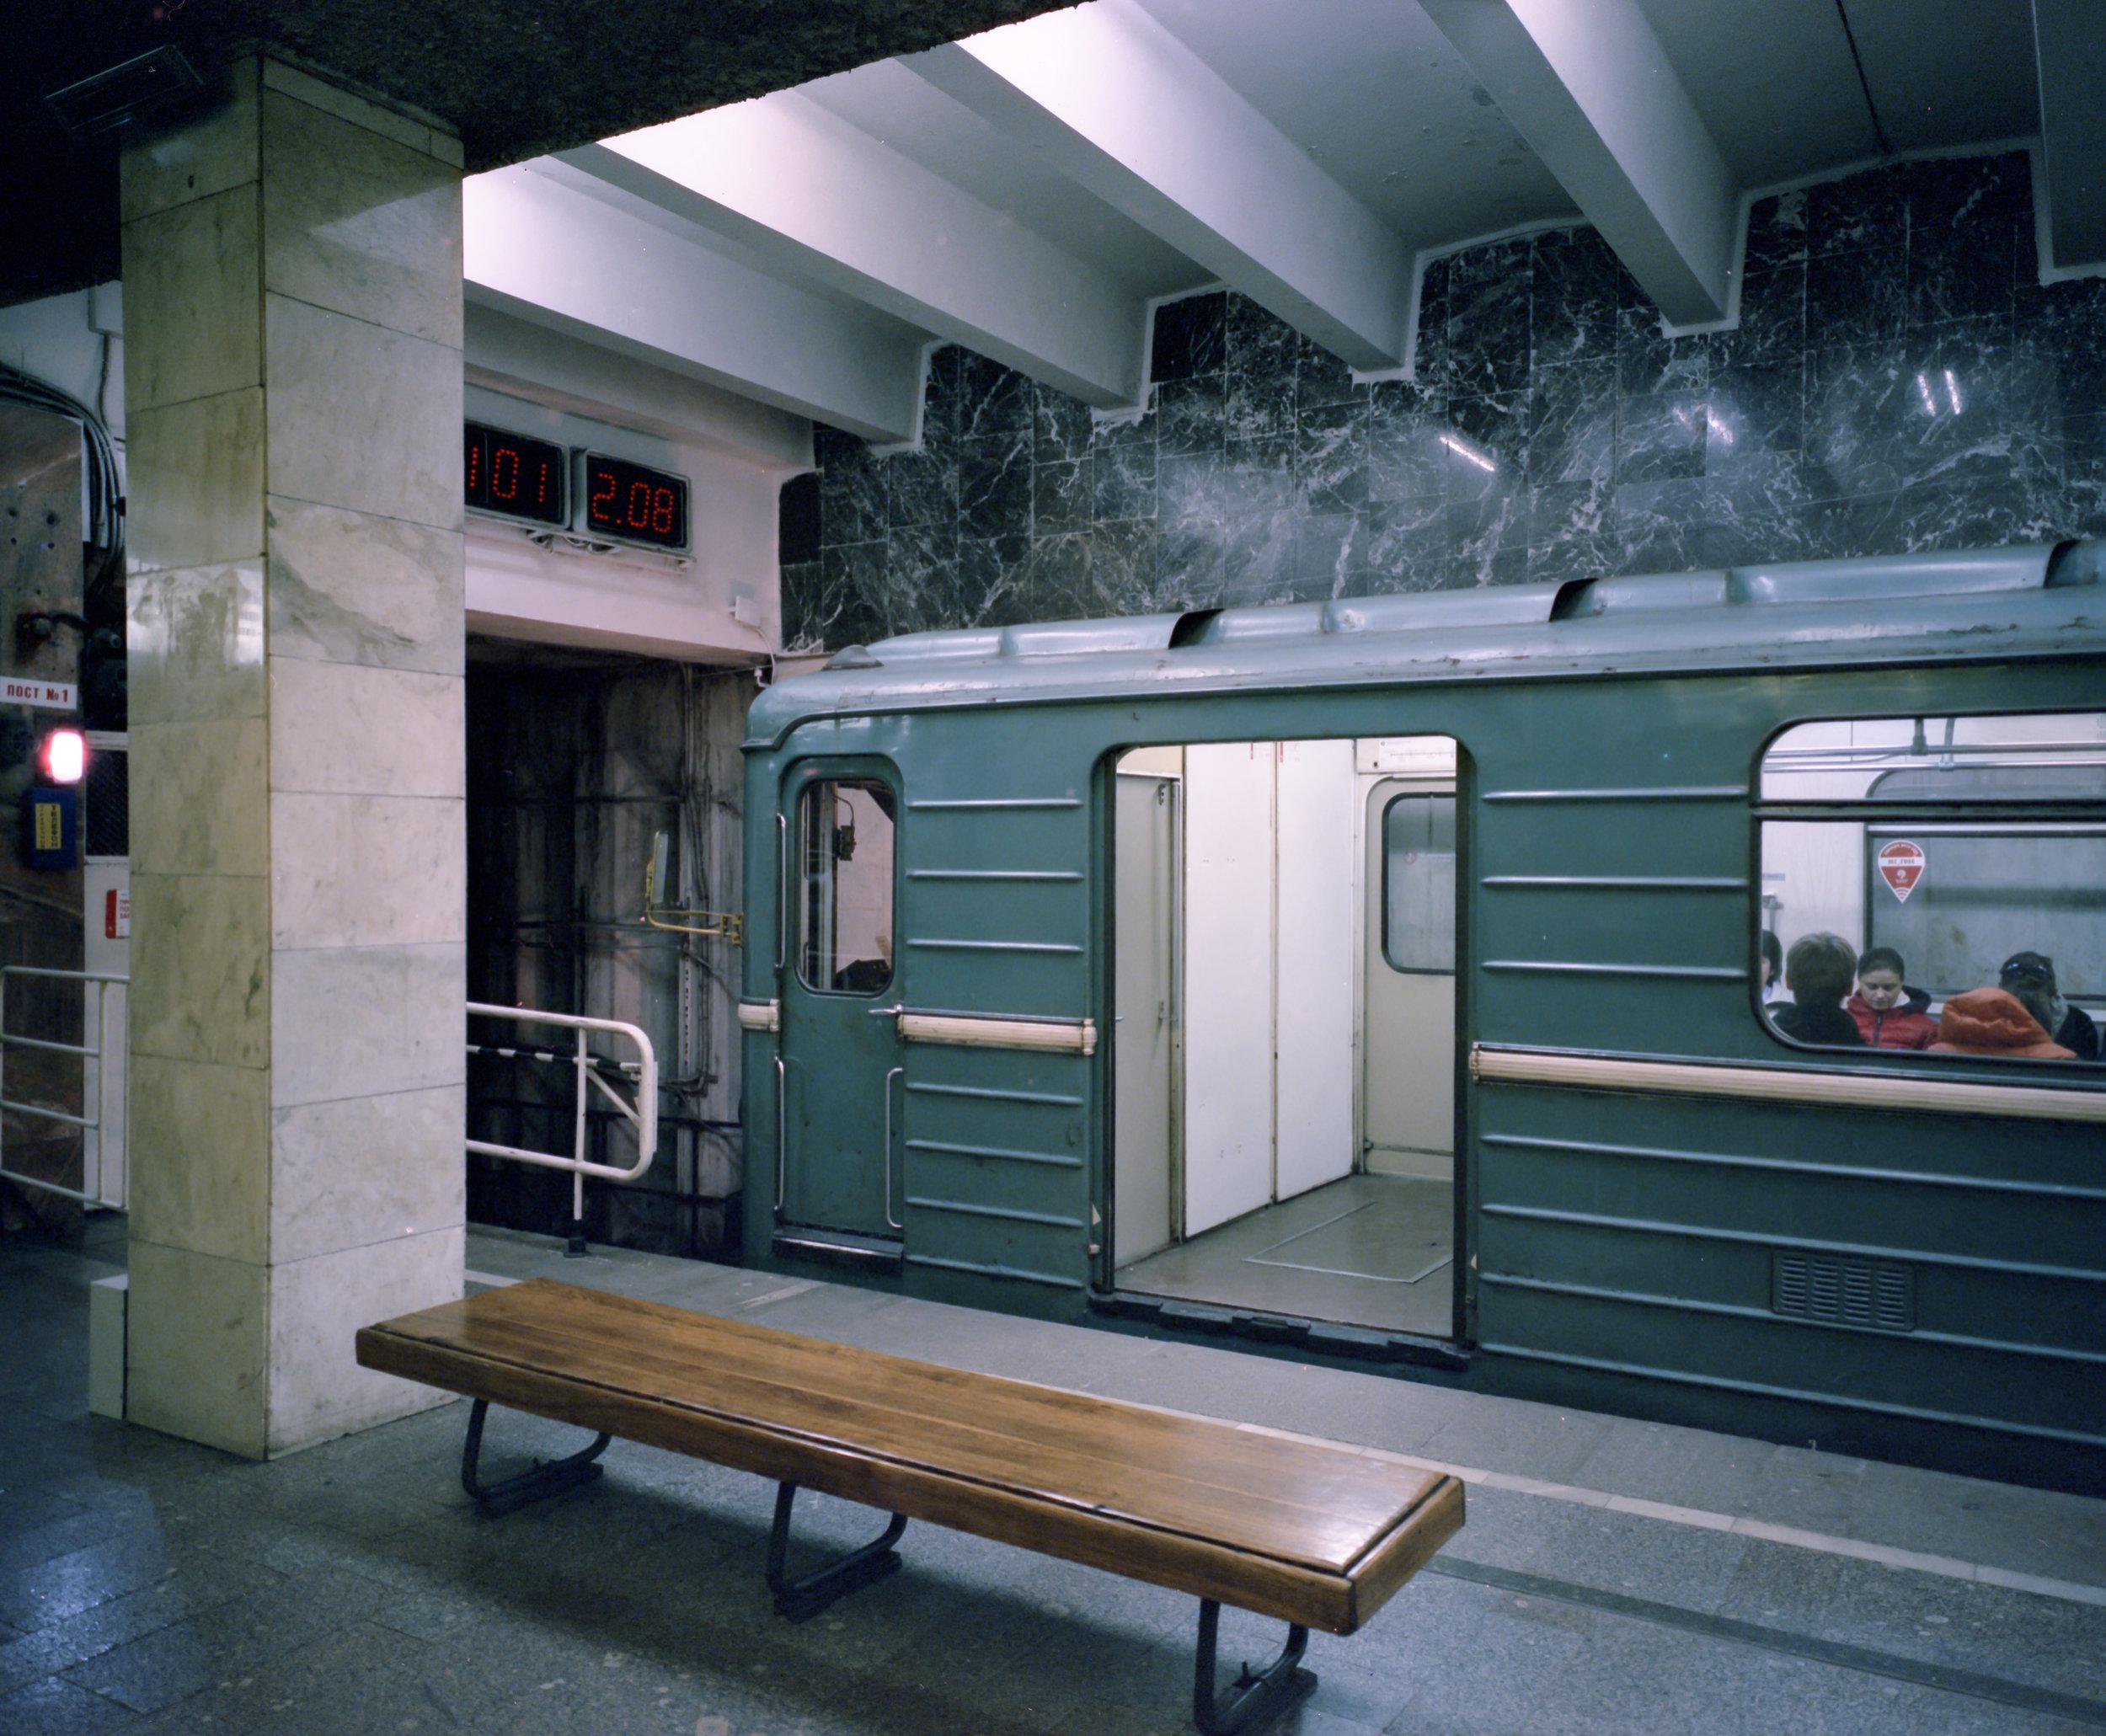 Moscow Metro Fuji GF670w | Cinestill 800t